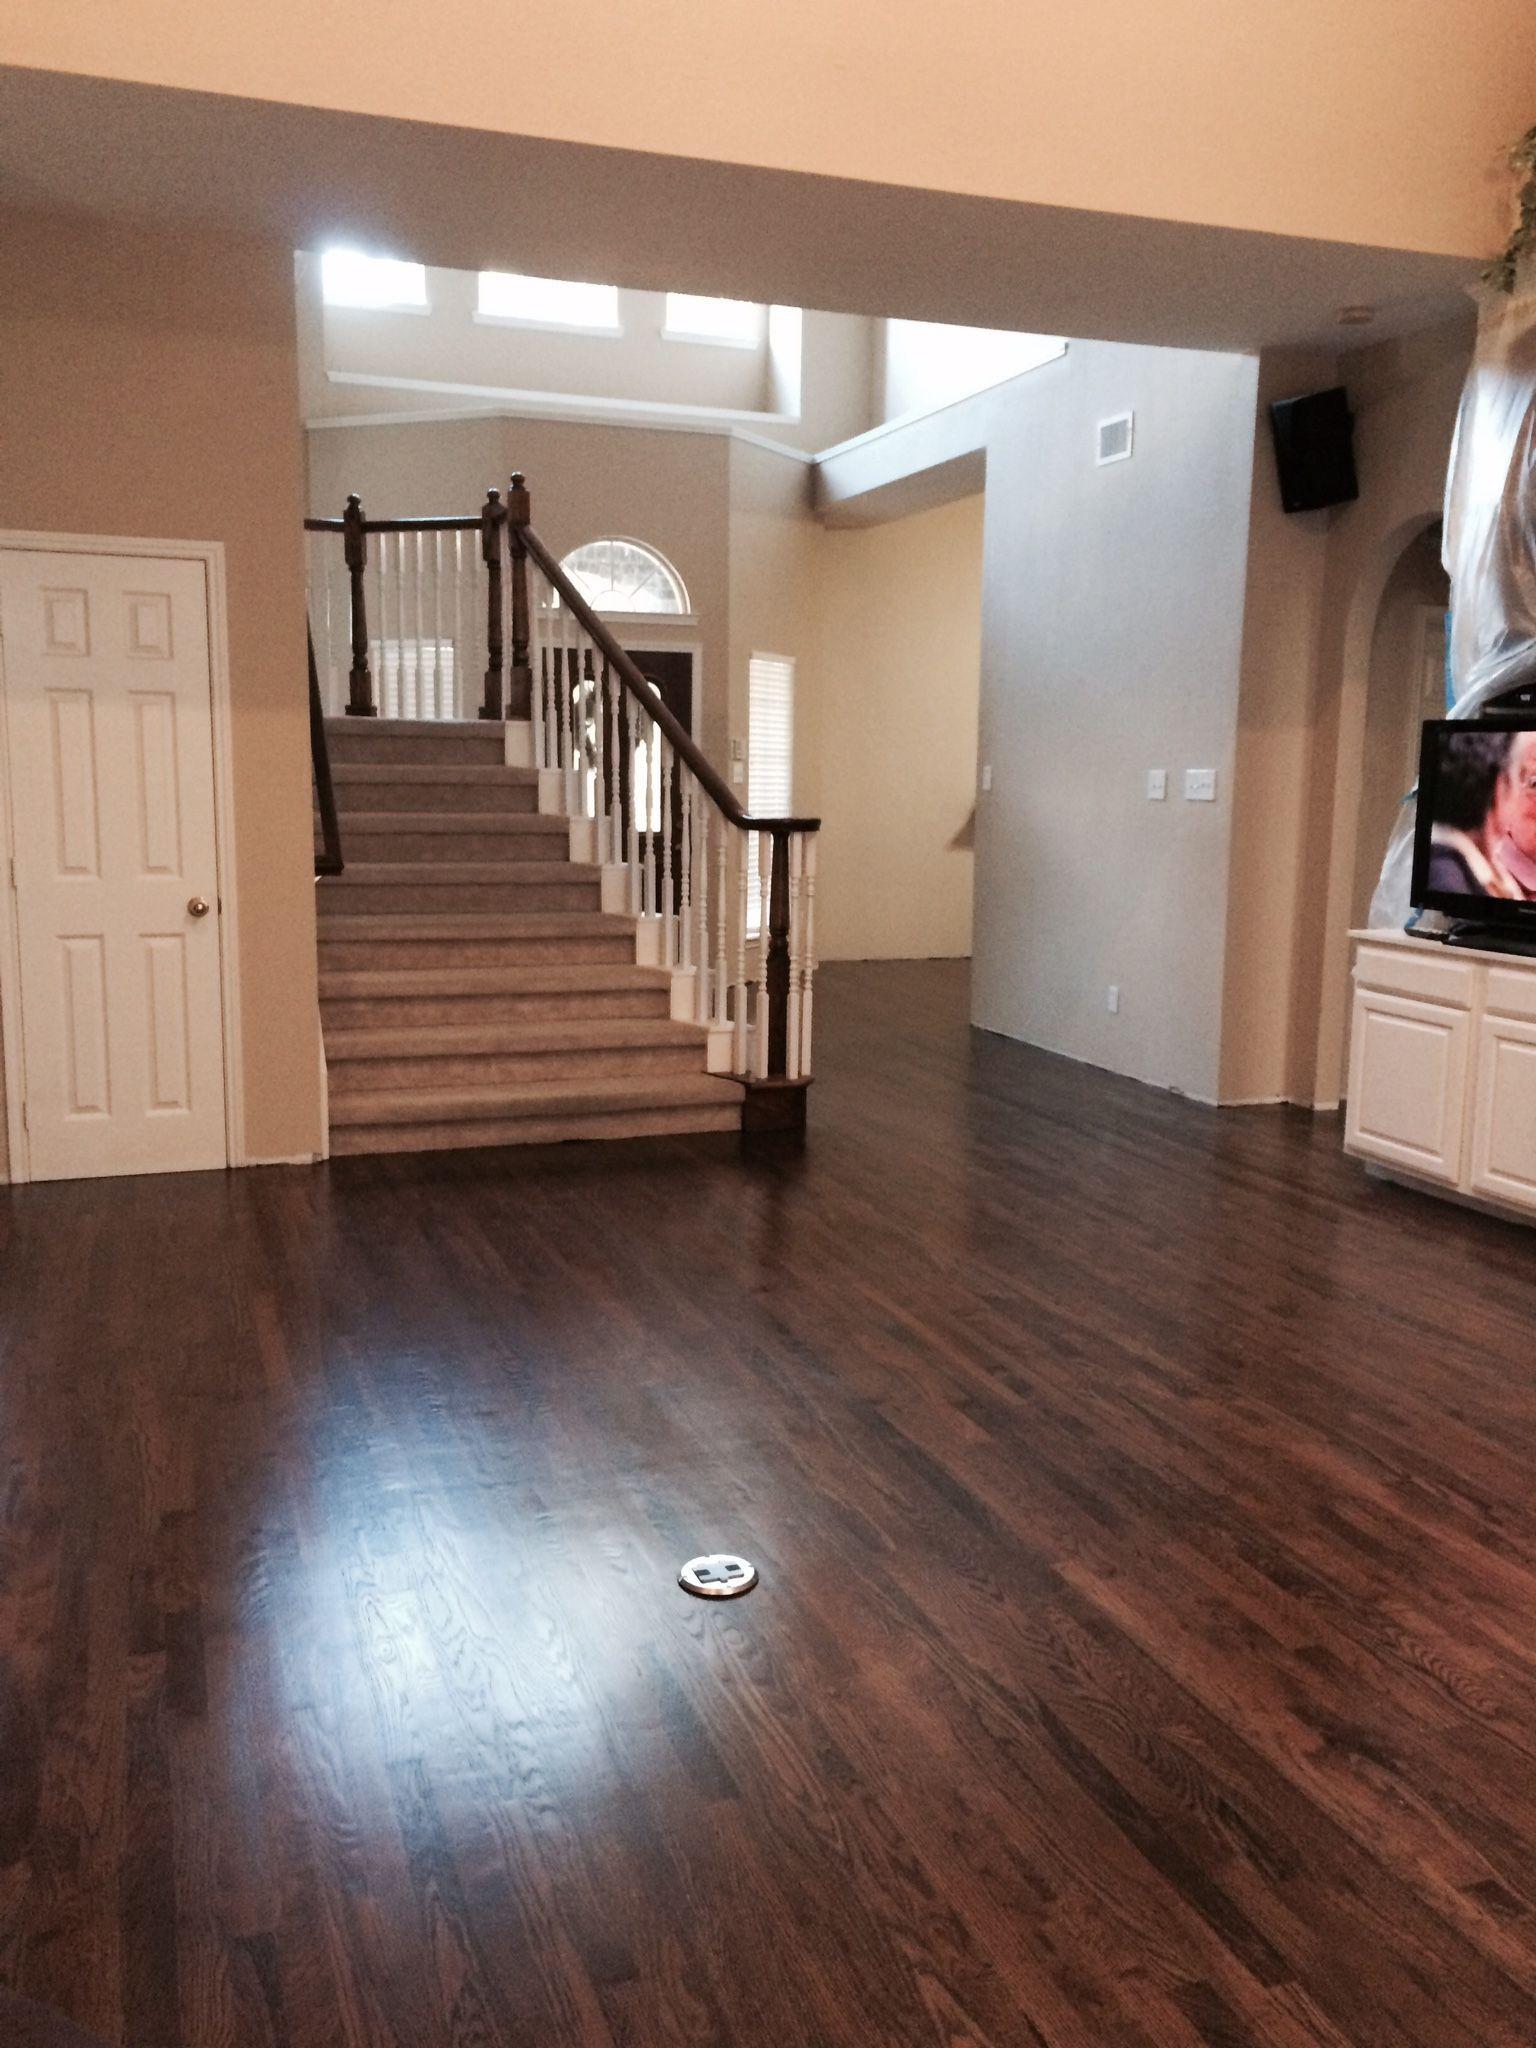 Hardwood Floor Refinishing Fargo Nd Of Dark Walnut Stain On White Oak Hardwood Remodel 1floors In 2018 for Dark Walnut Stain On White Oak Hardwood Walnut Hardwood Flooring Hardwood Floor Stain Colors